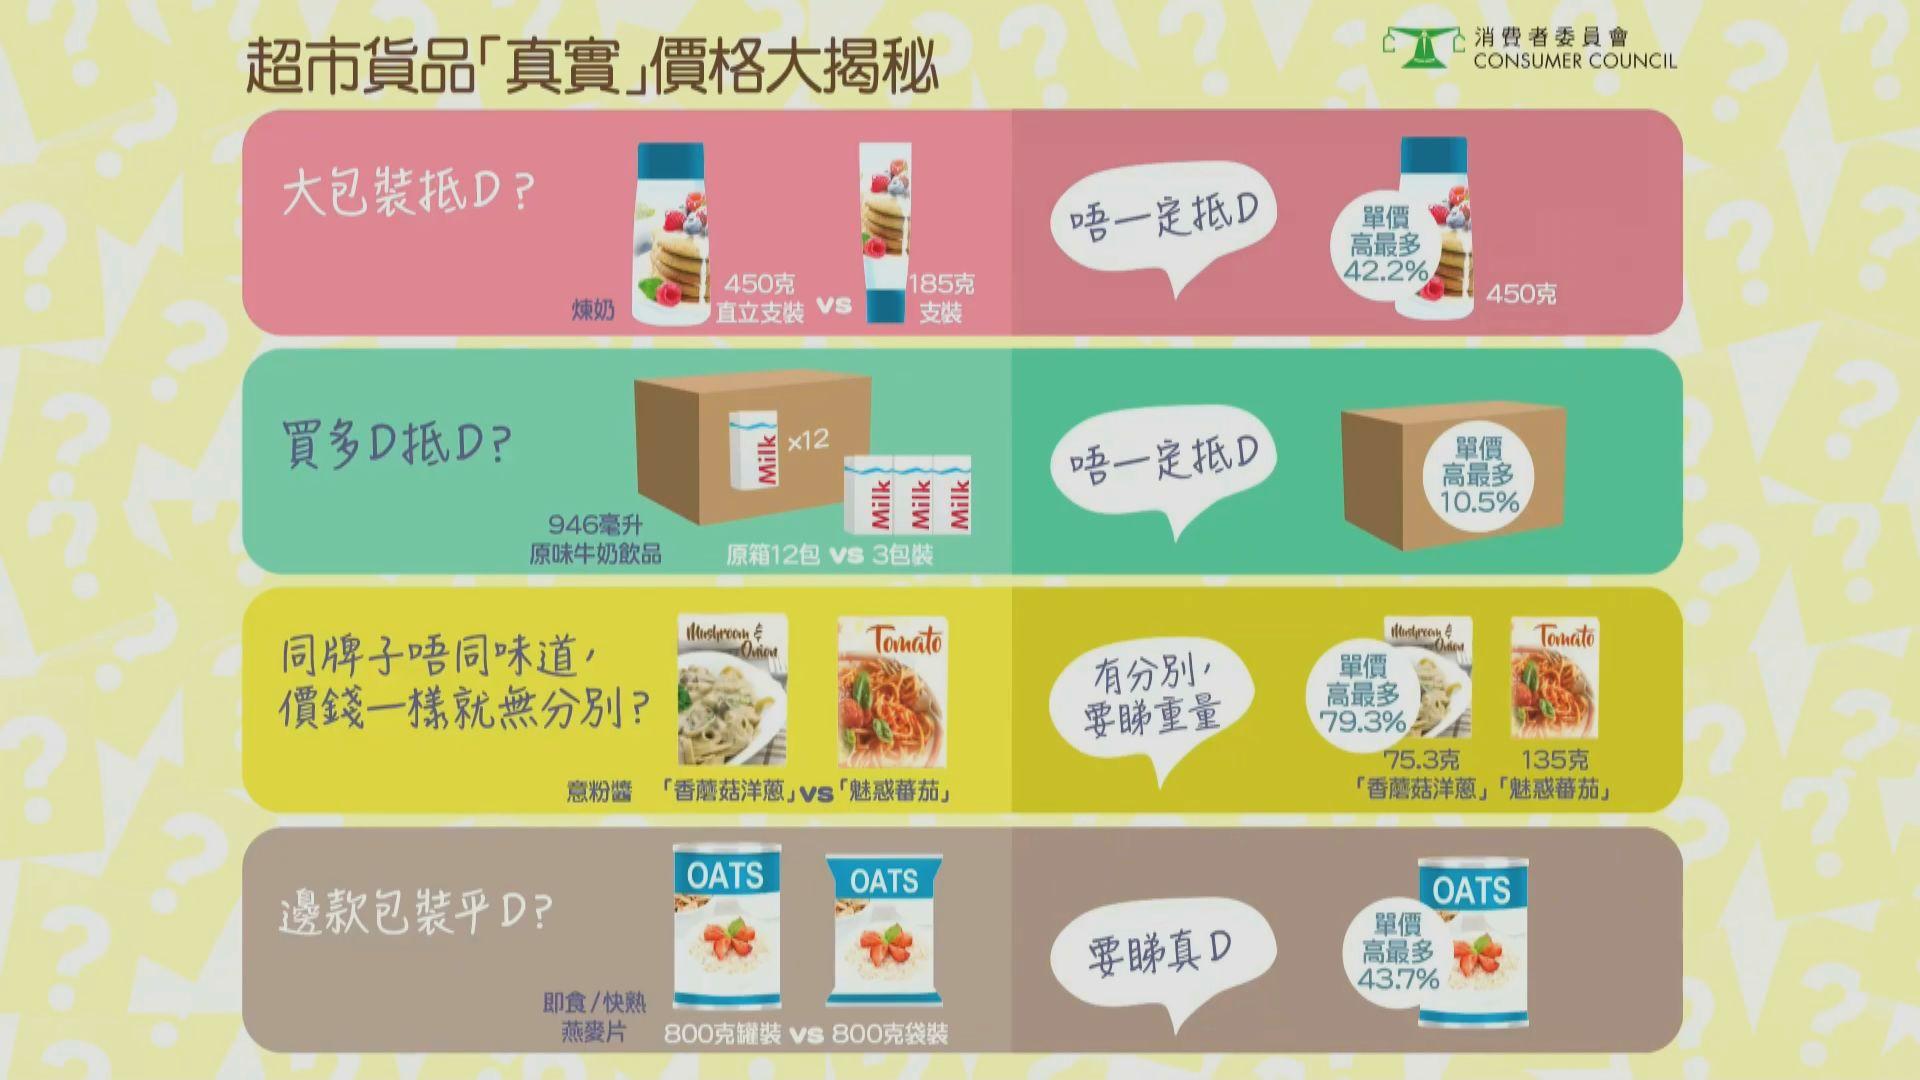 【附網上格價連結】消委會調查:超市部分貨品大包裝單價較細包裝貴